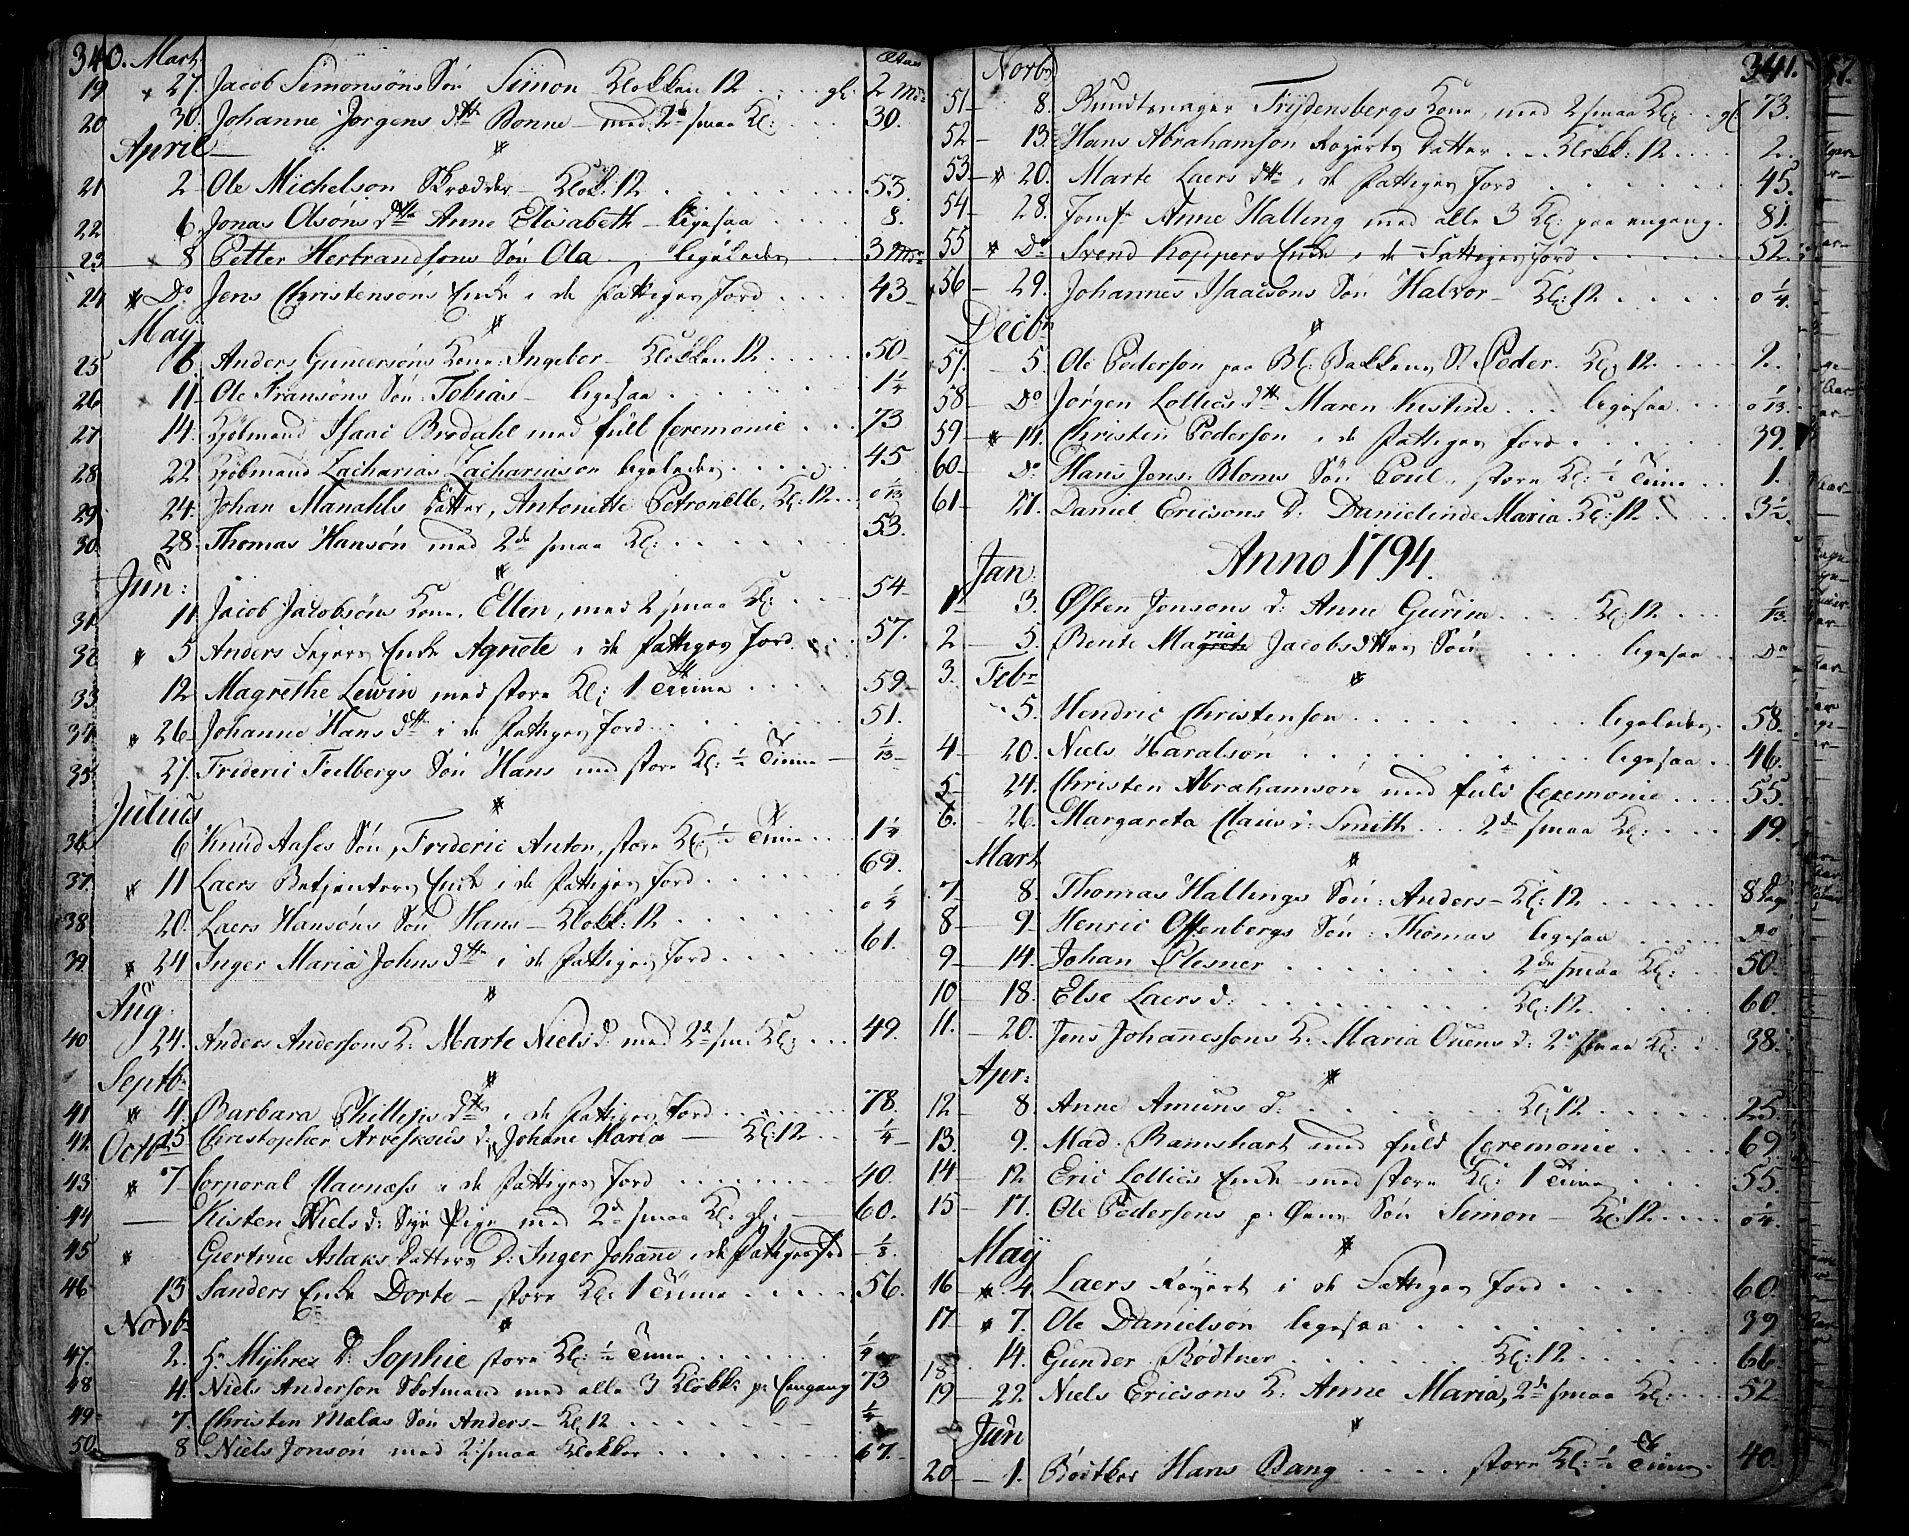 SAKO, Skien kirkebøker, F/Fa/L0004: Ministerialbok nr. 4, 1792-1814, s. 340-341